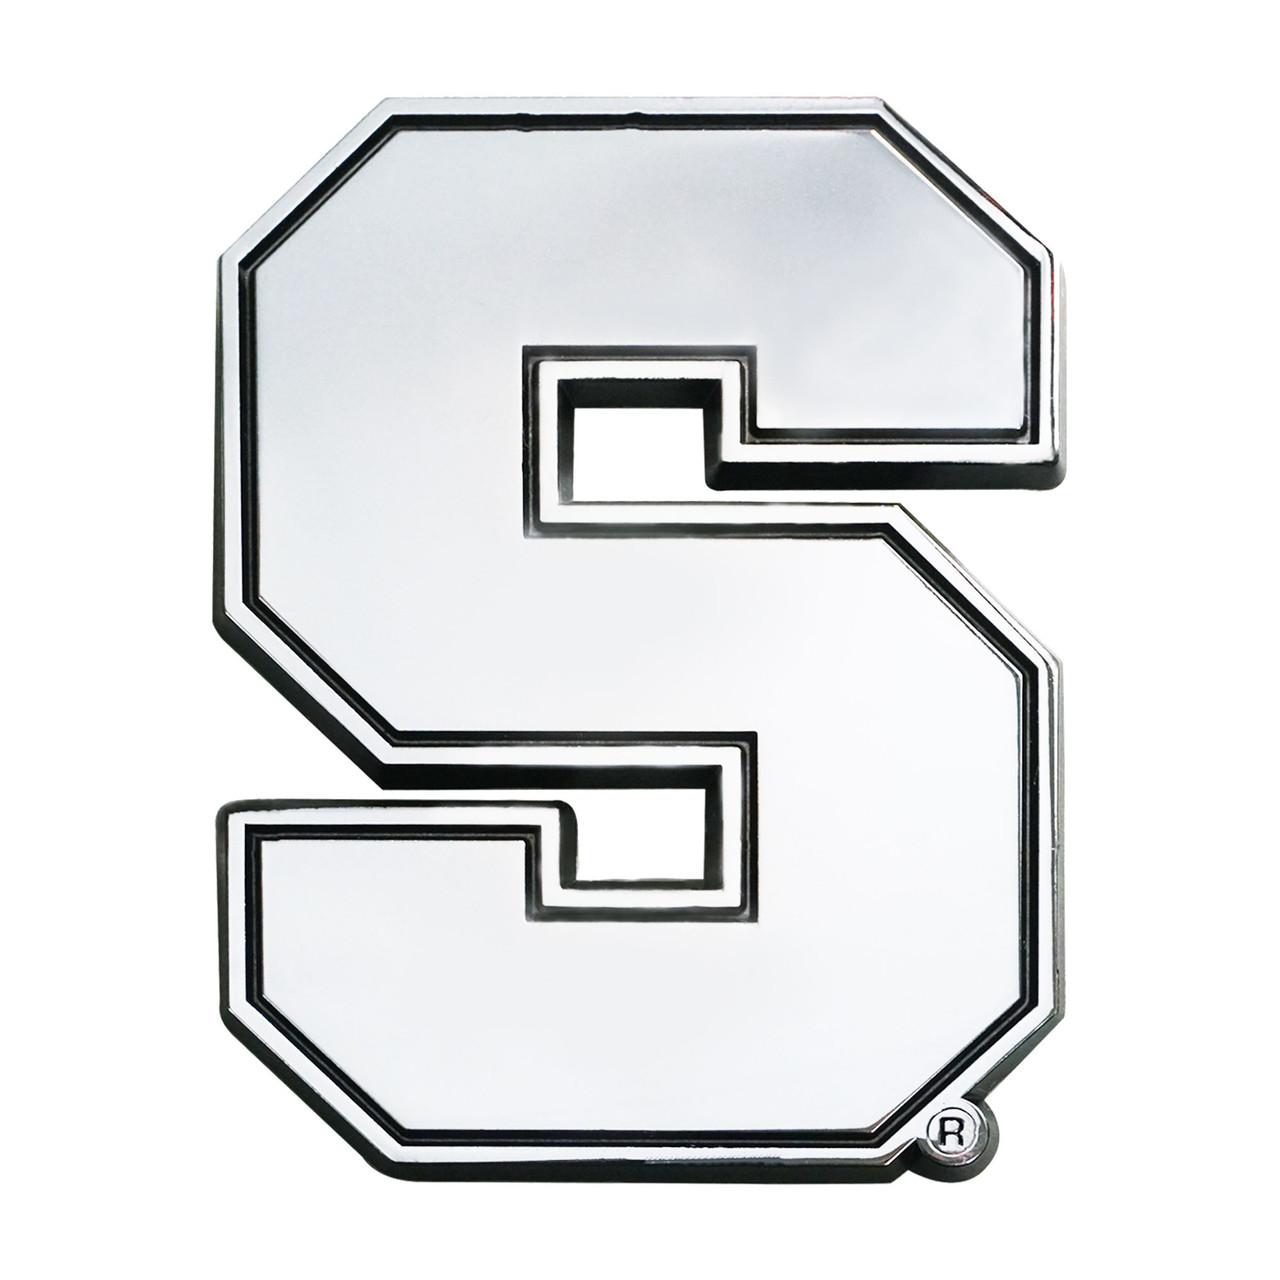 Syracuse Orange Auto Emblem Premium Metal Chrome Special Order